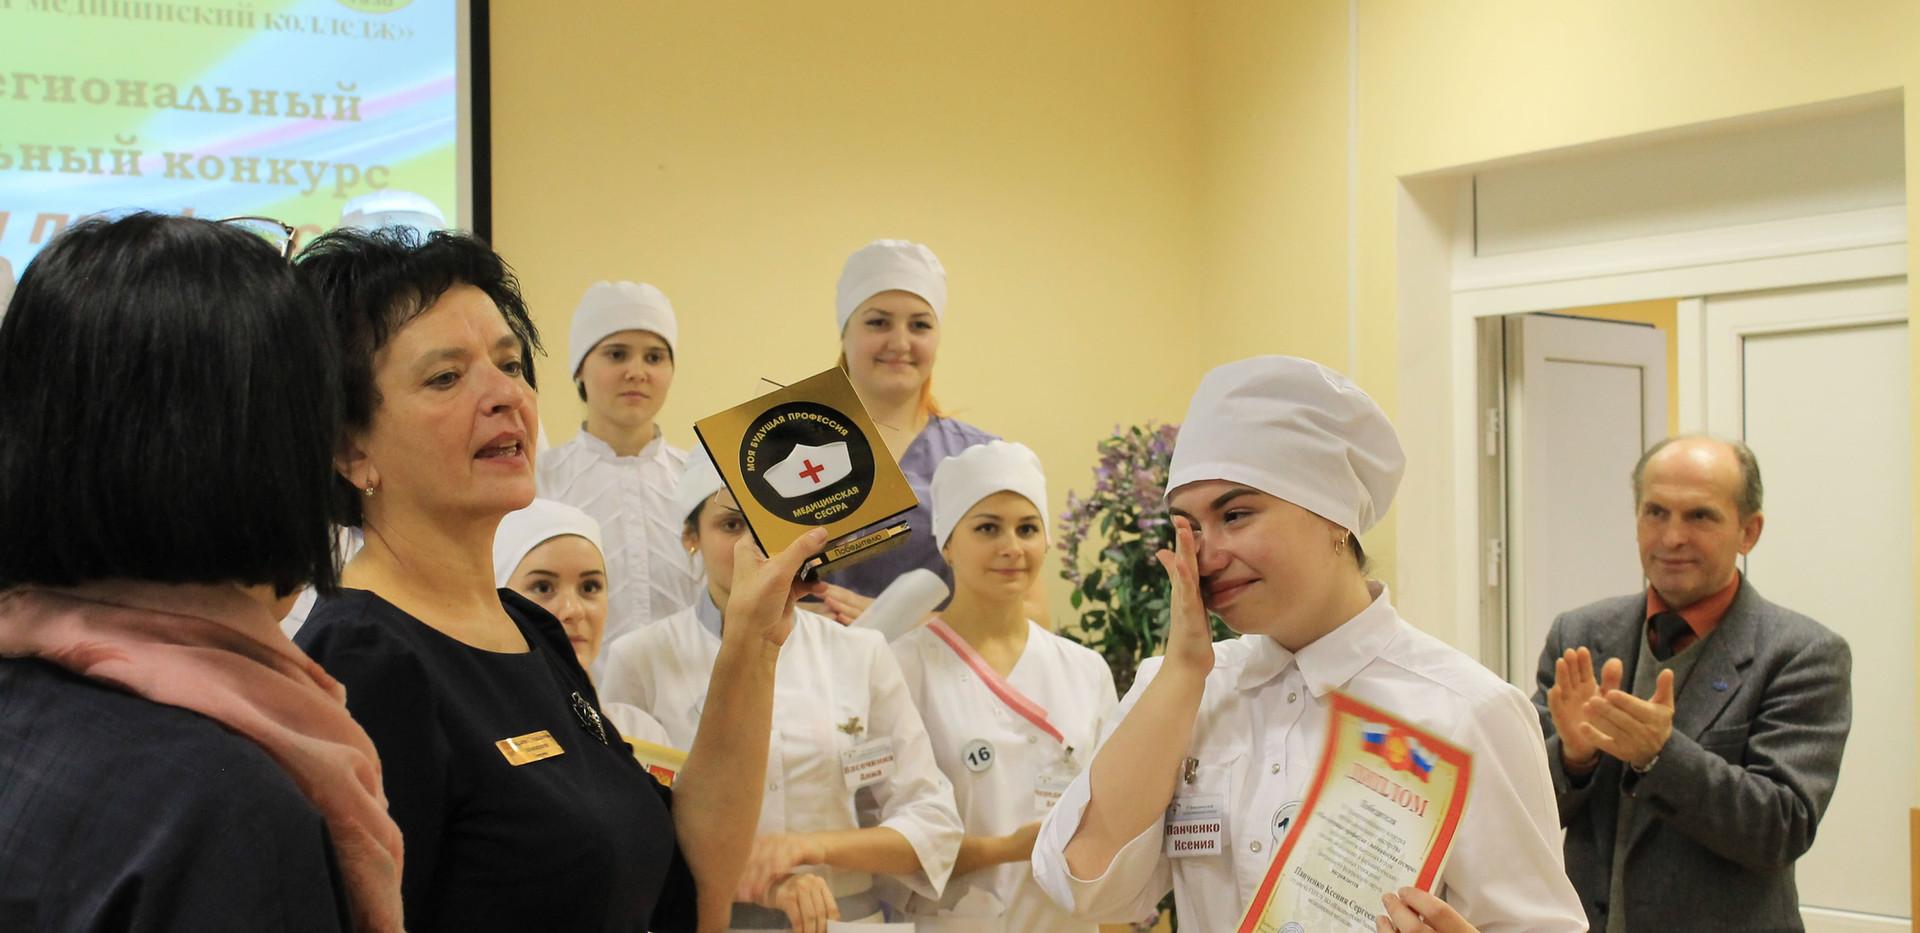 IV Межрегиональный конкурс профмастерства «Моя будущая профессия – медицинская сестра»